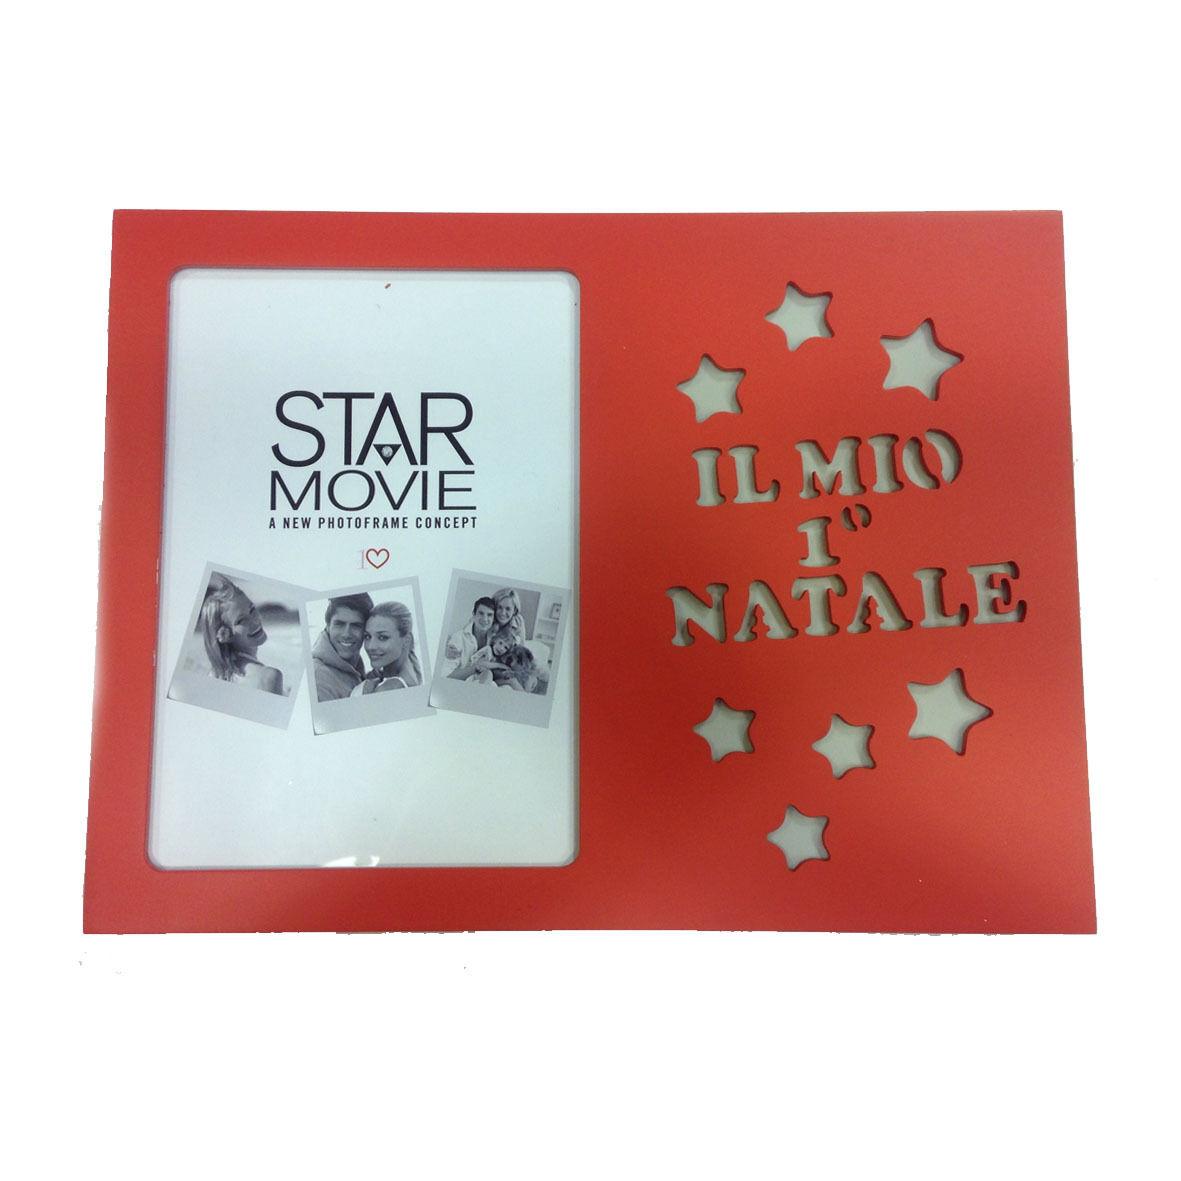 Cornice d'appoggio IL MIO 1°NATALE per bimbo/a in legno rosso 19,5x26,5 cm by VI